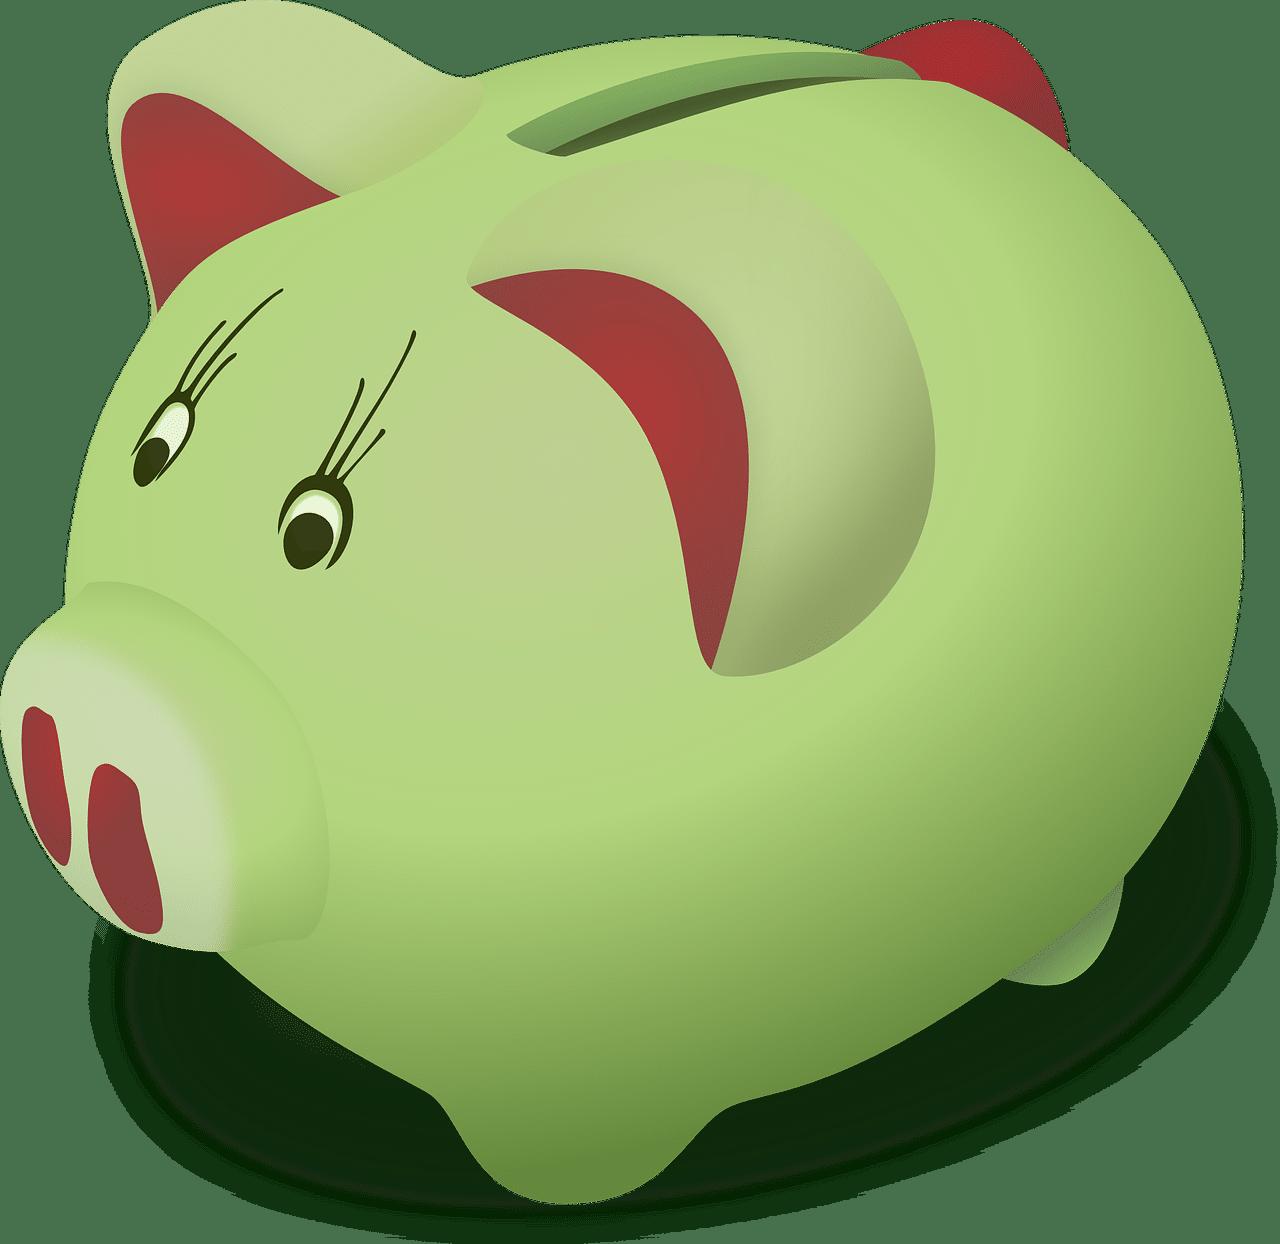 piggy-bank-146311_1280